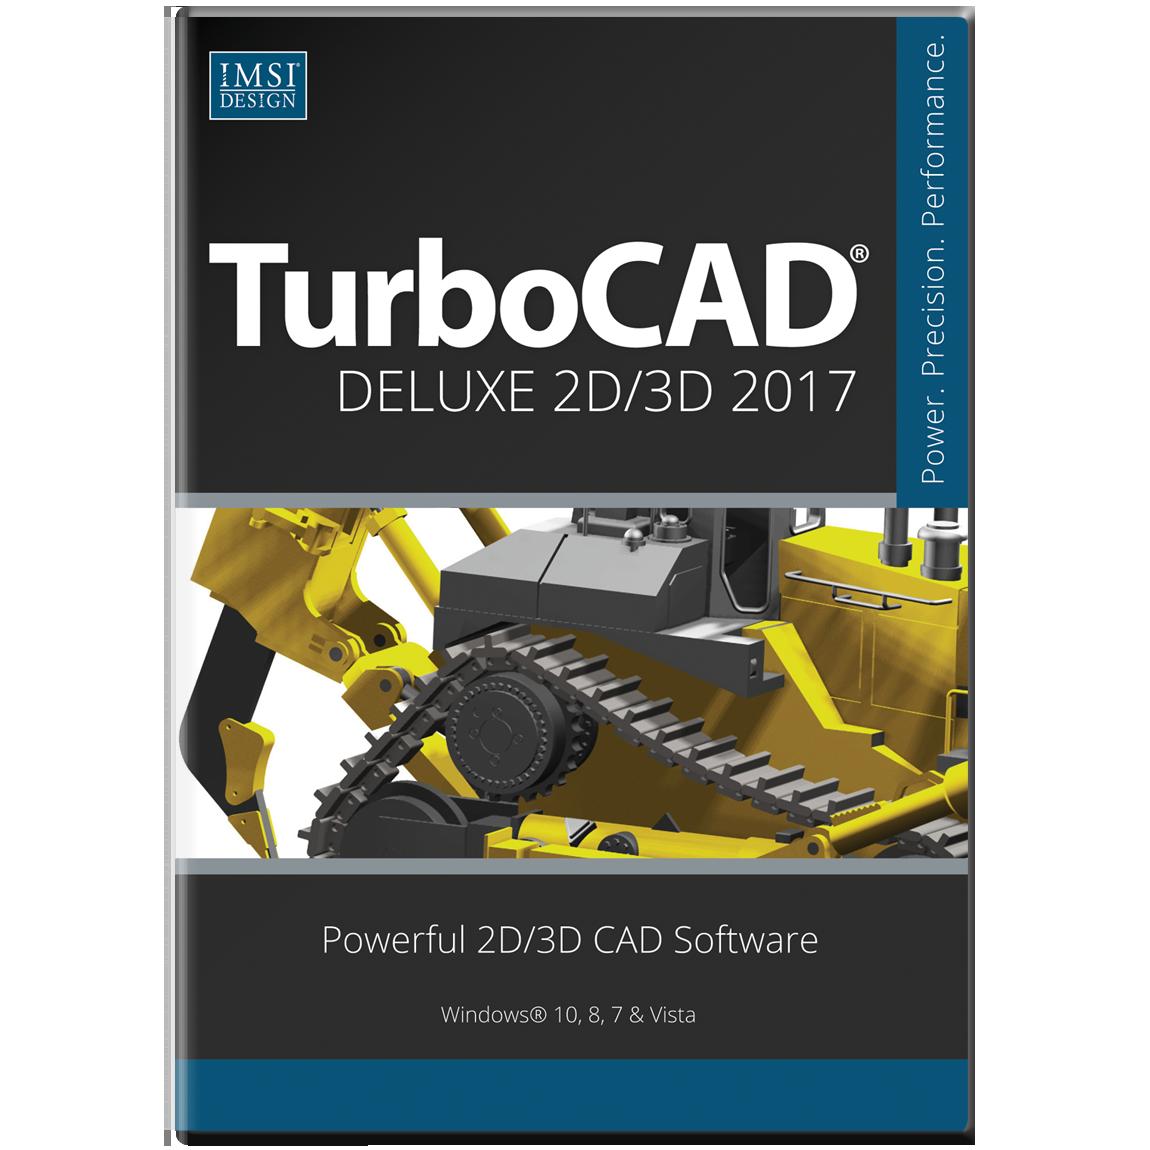 Turbocad deluxe 2017 engish download cadstore turbocad deluxe engish download 2017 maxwellsz